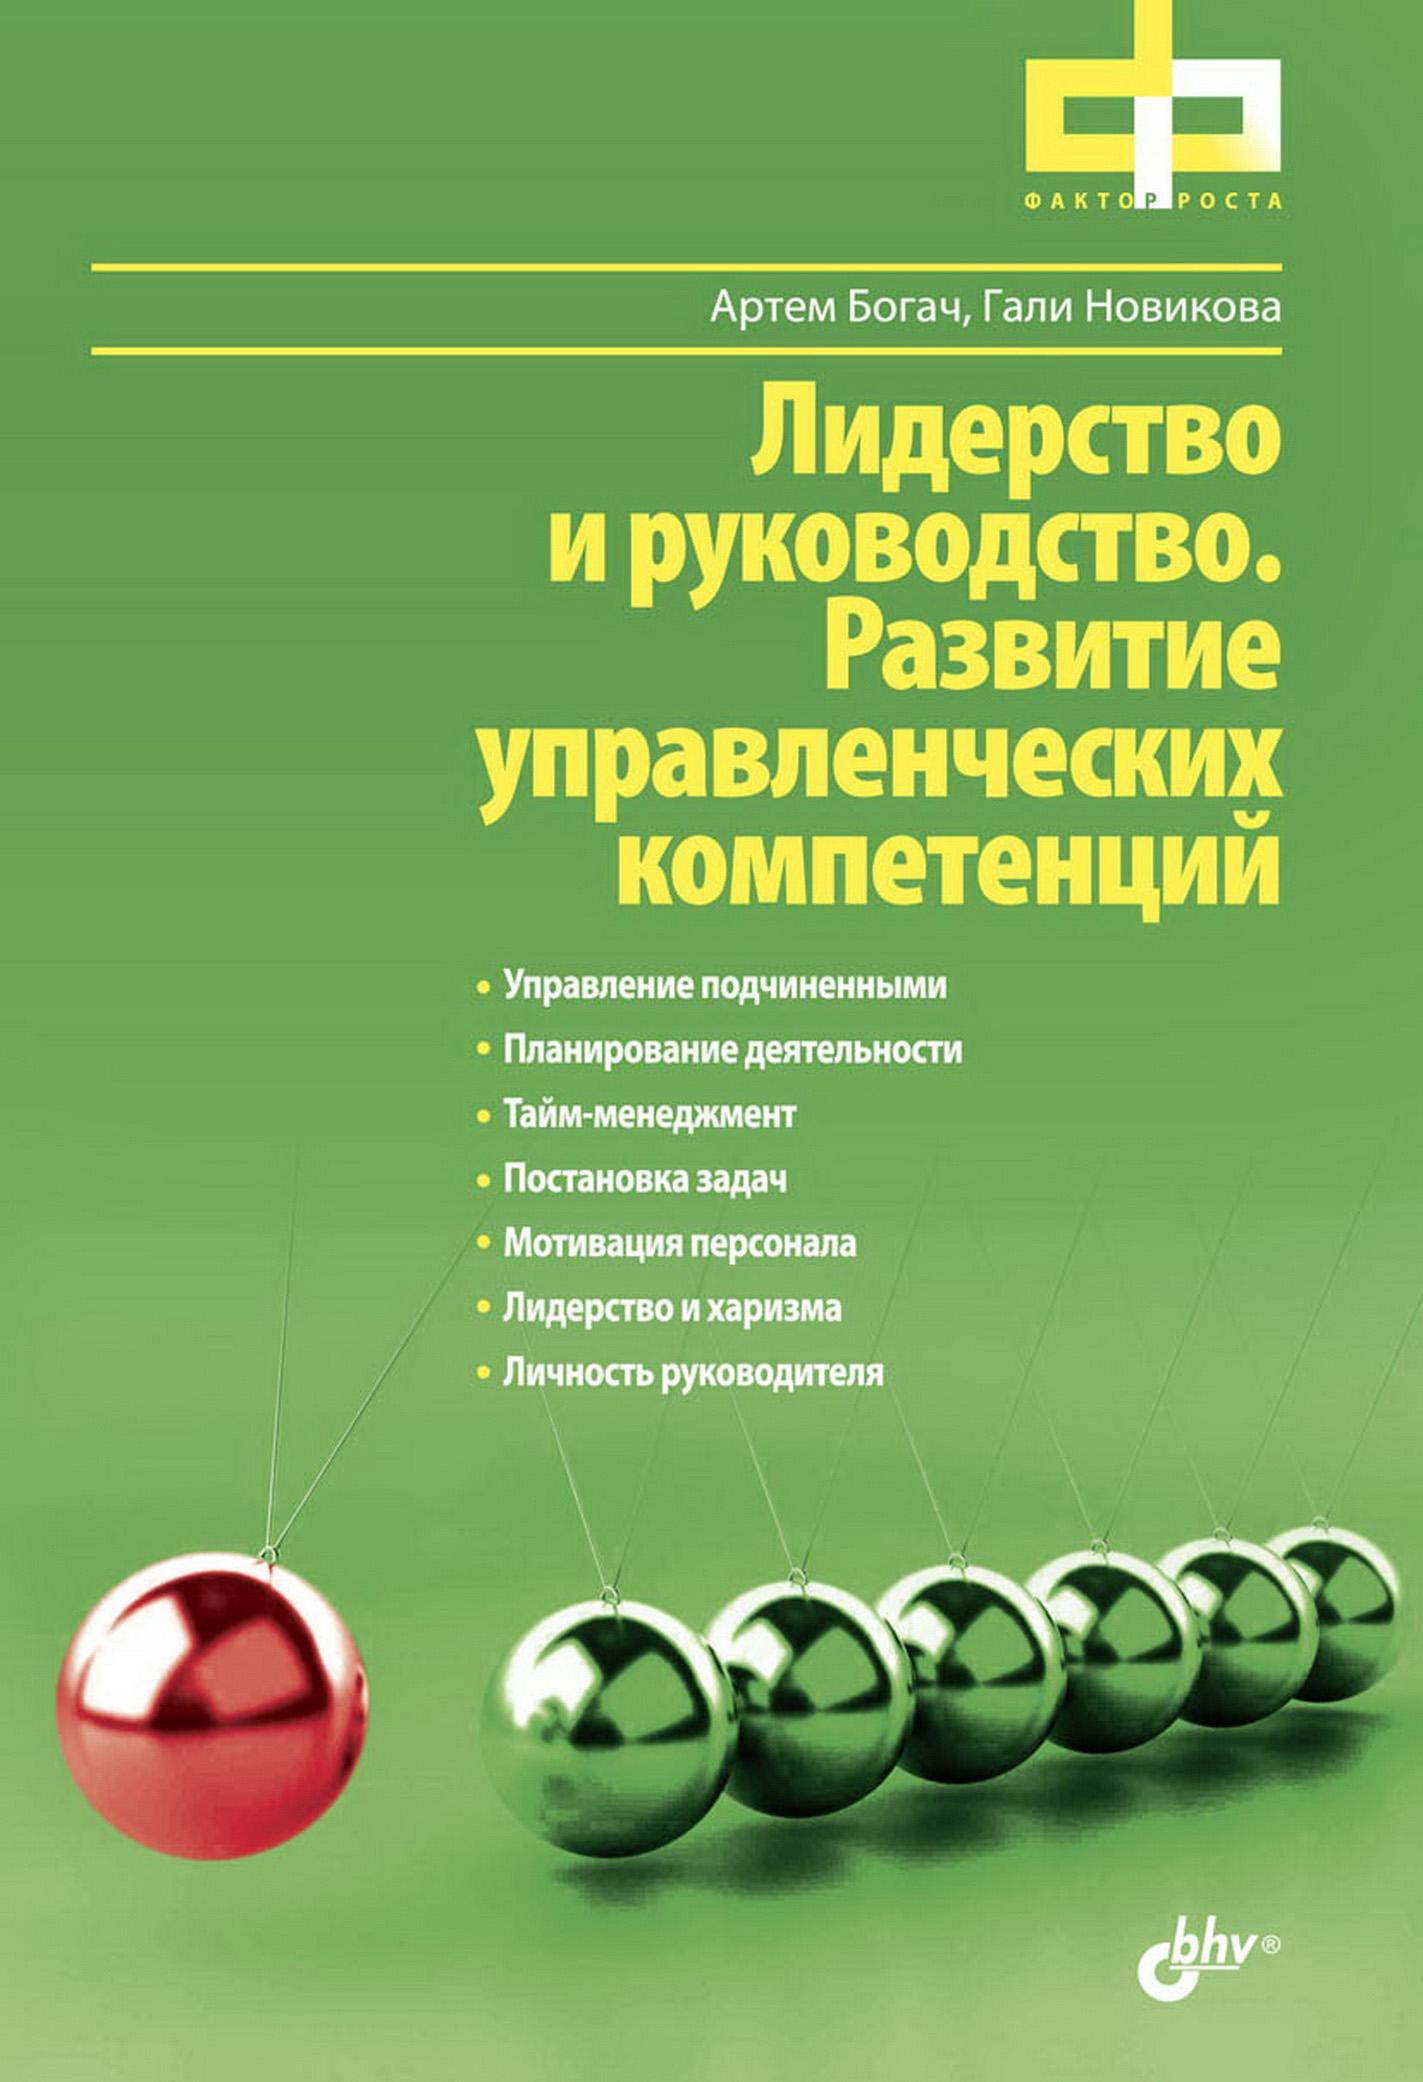 Гали Новикова Лидерство и руководство. Развитие управленческих компетенций